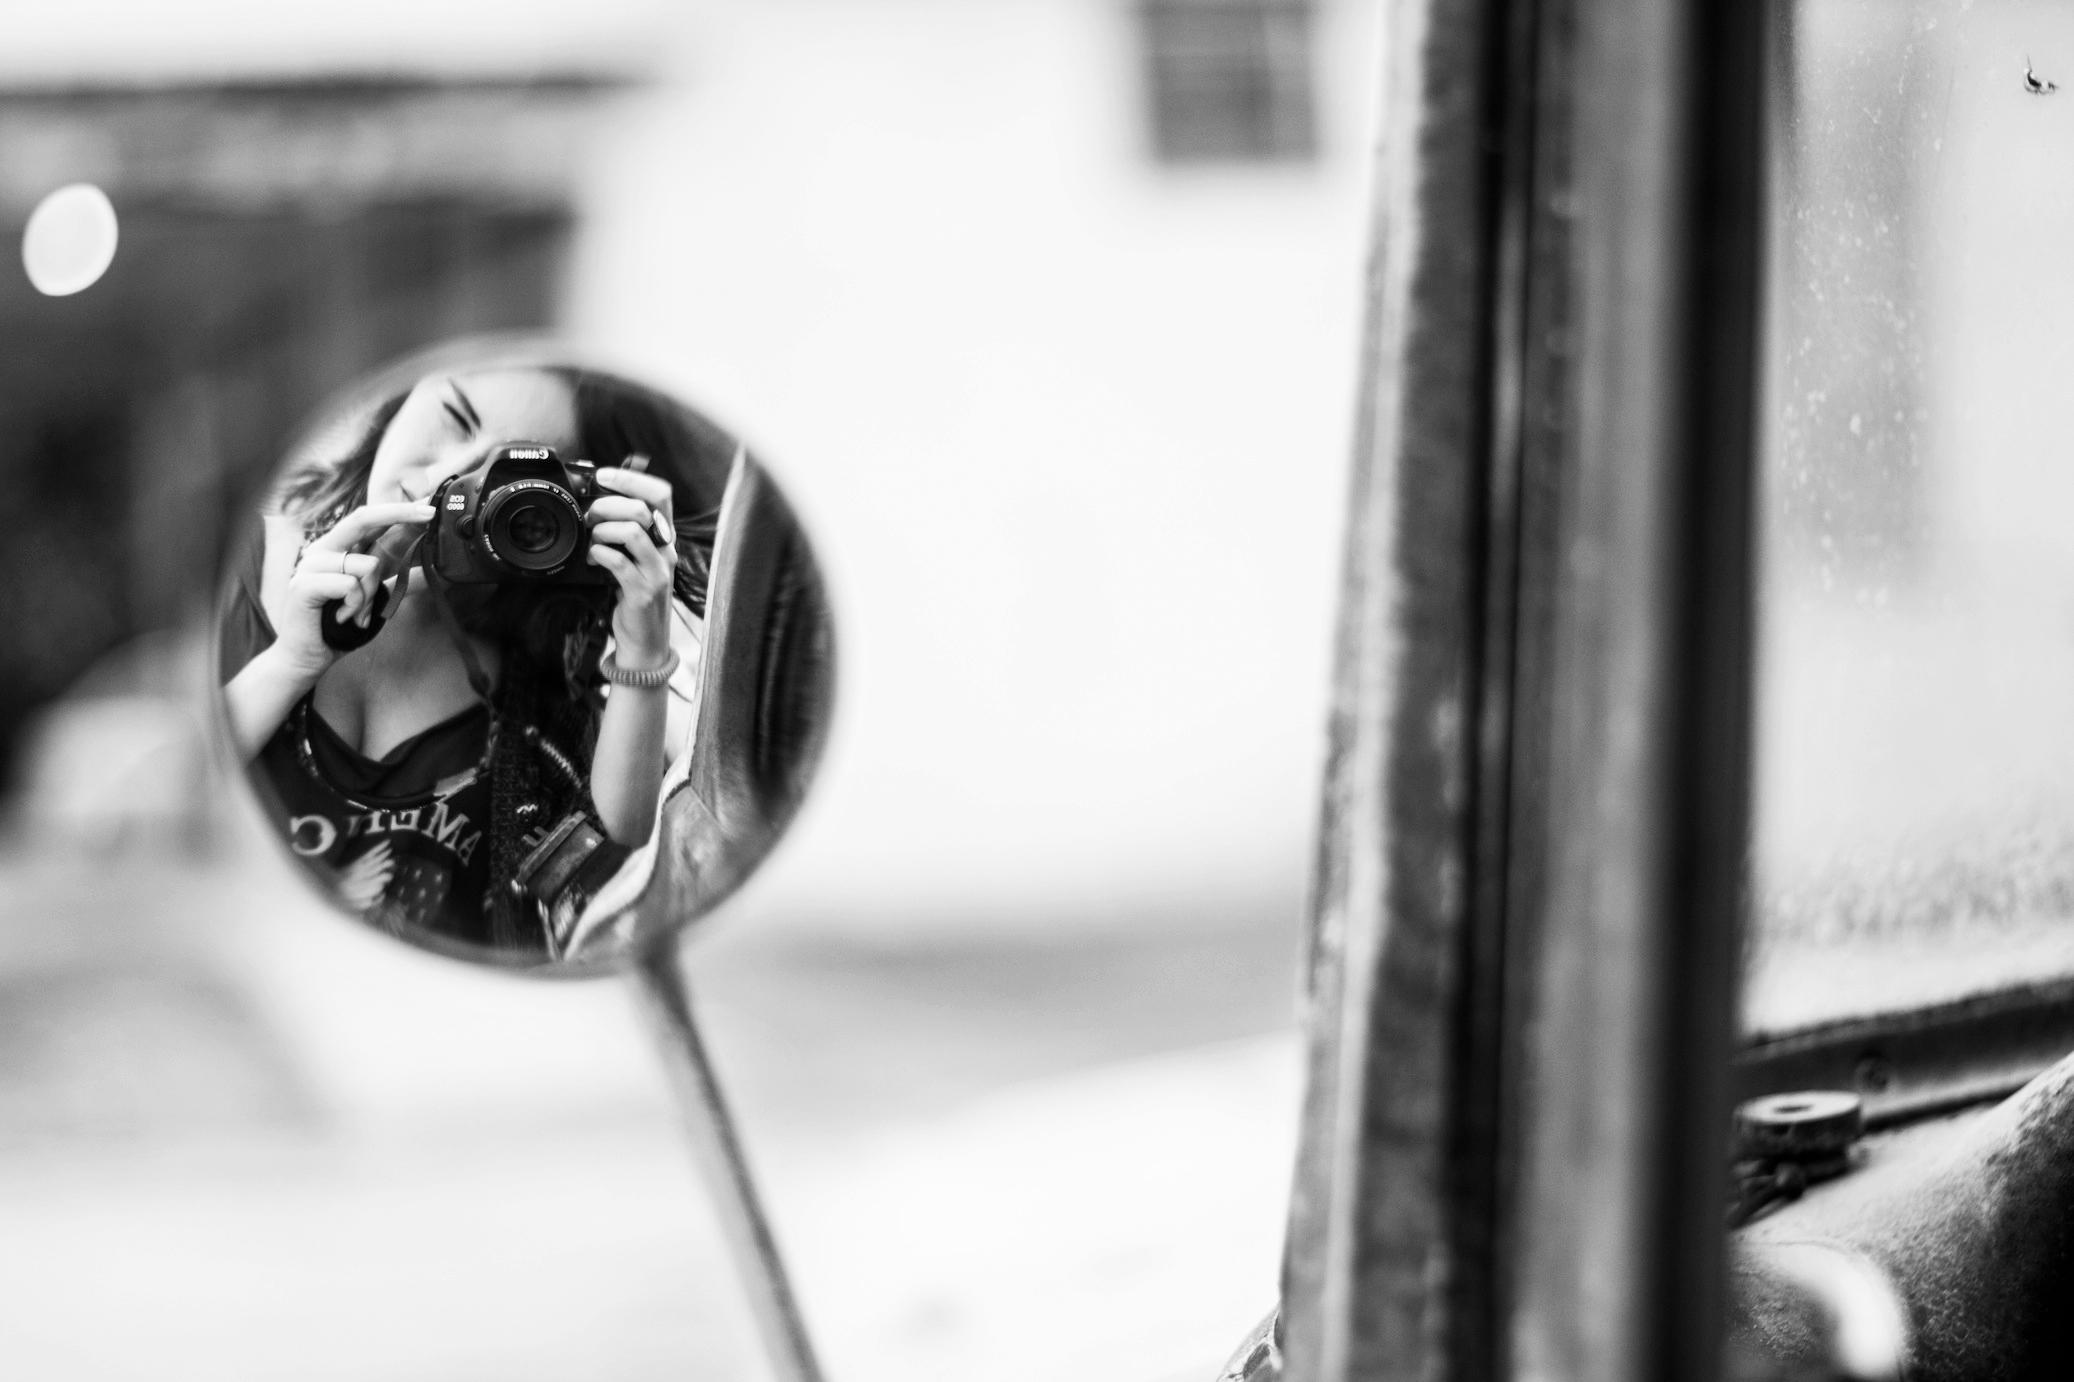 Fotografía en un espejo de coche